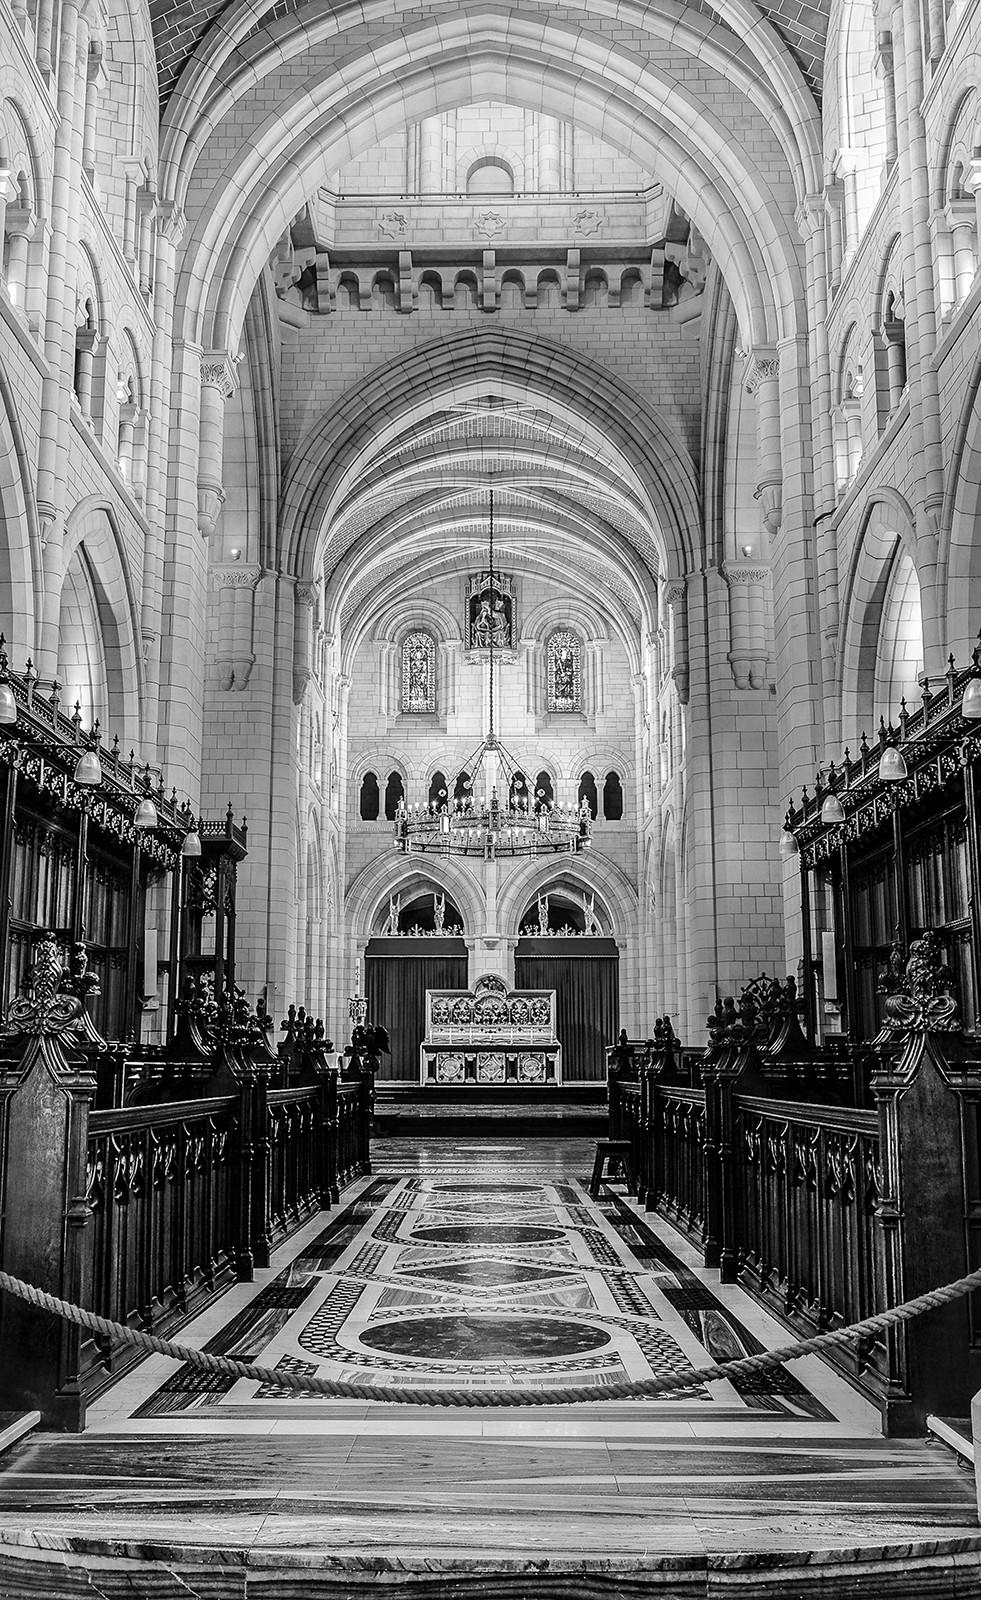 MONO - Buckfast Abbey by Josie Devlin (12 marks)